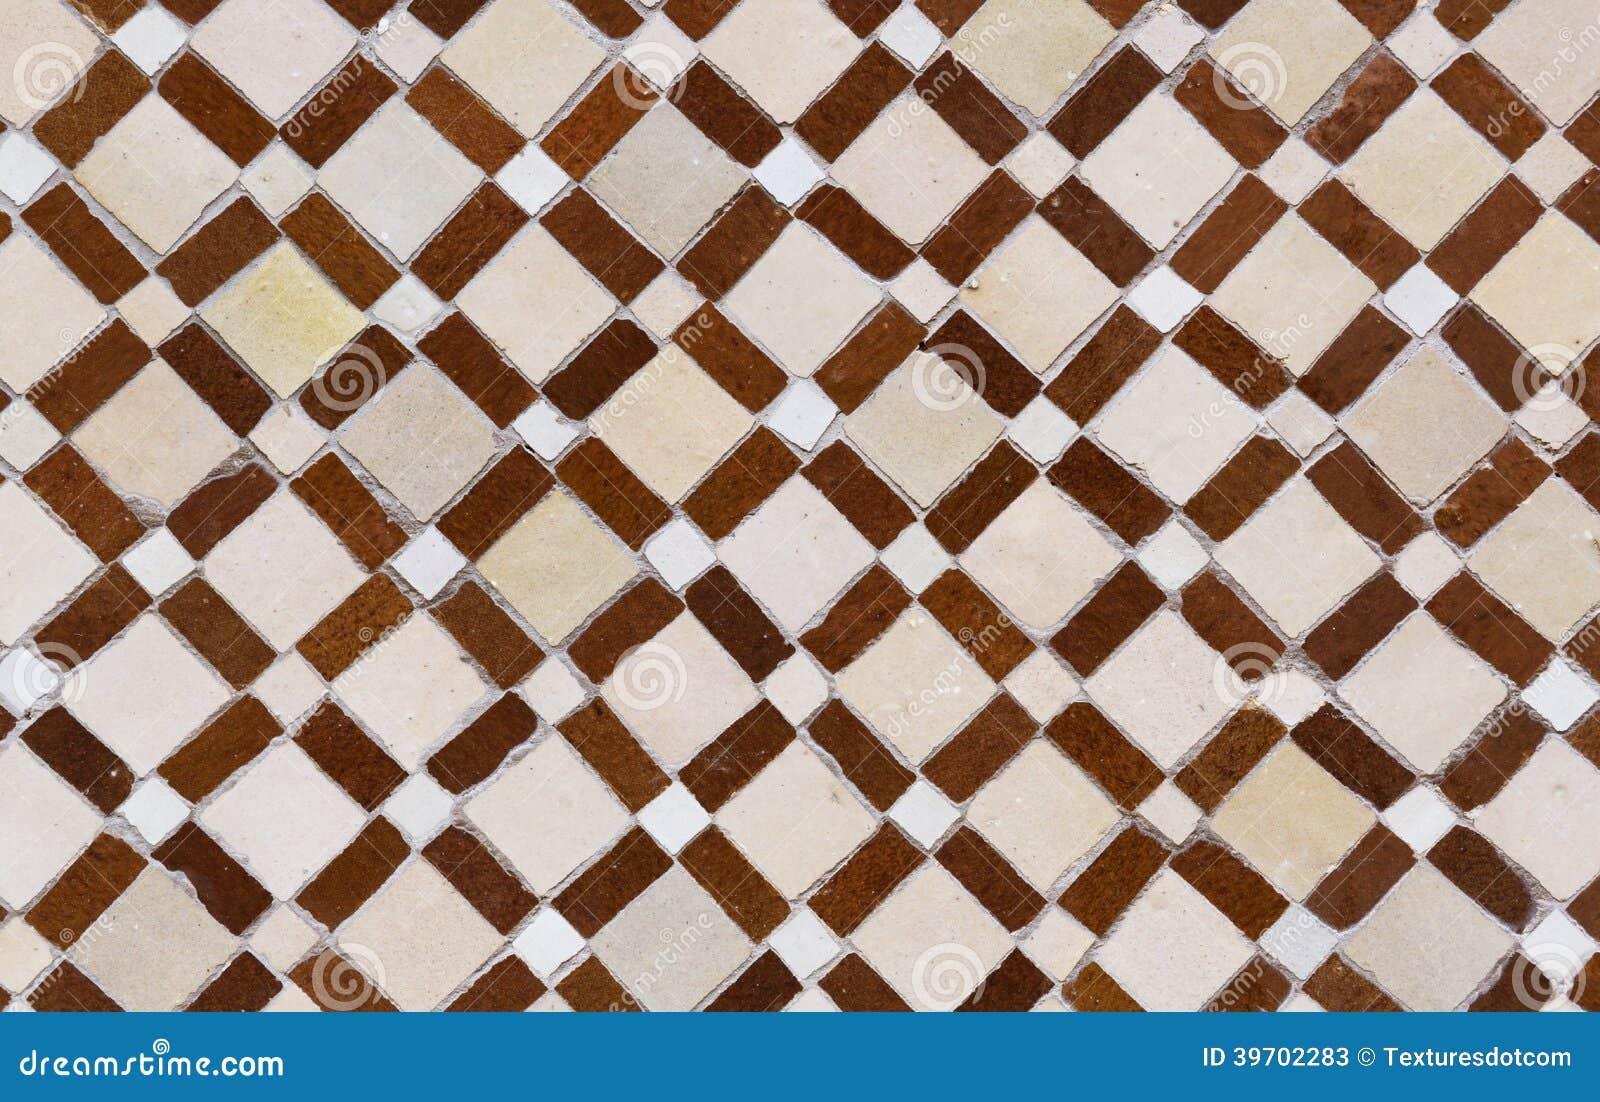 Tilework di zellige del marocchino immagine stock immagine di